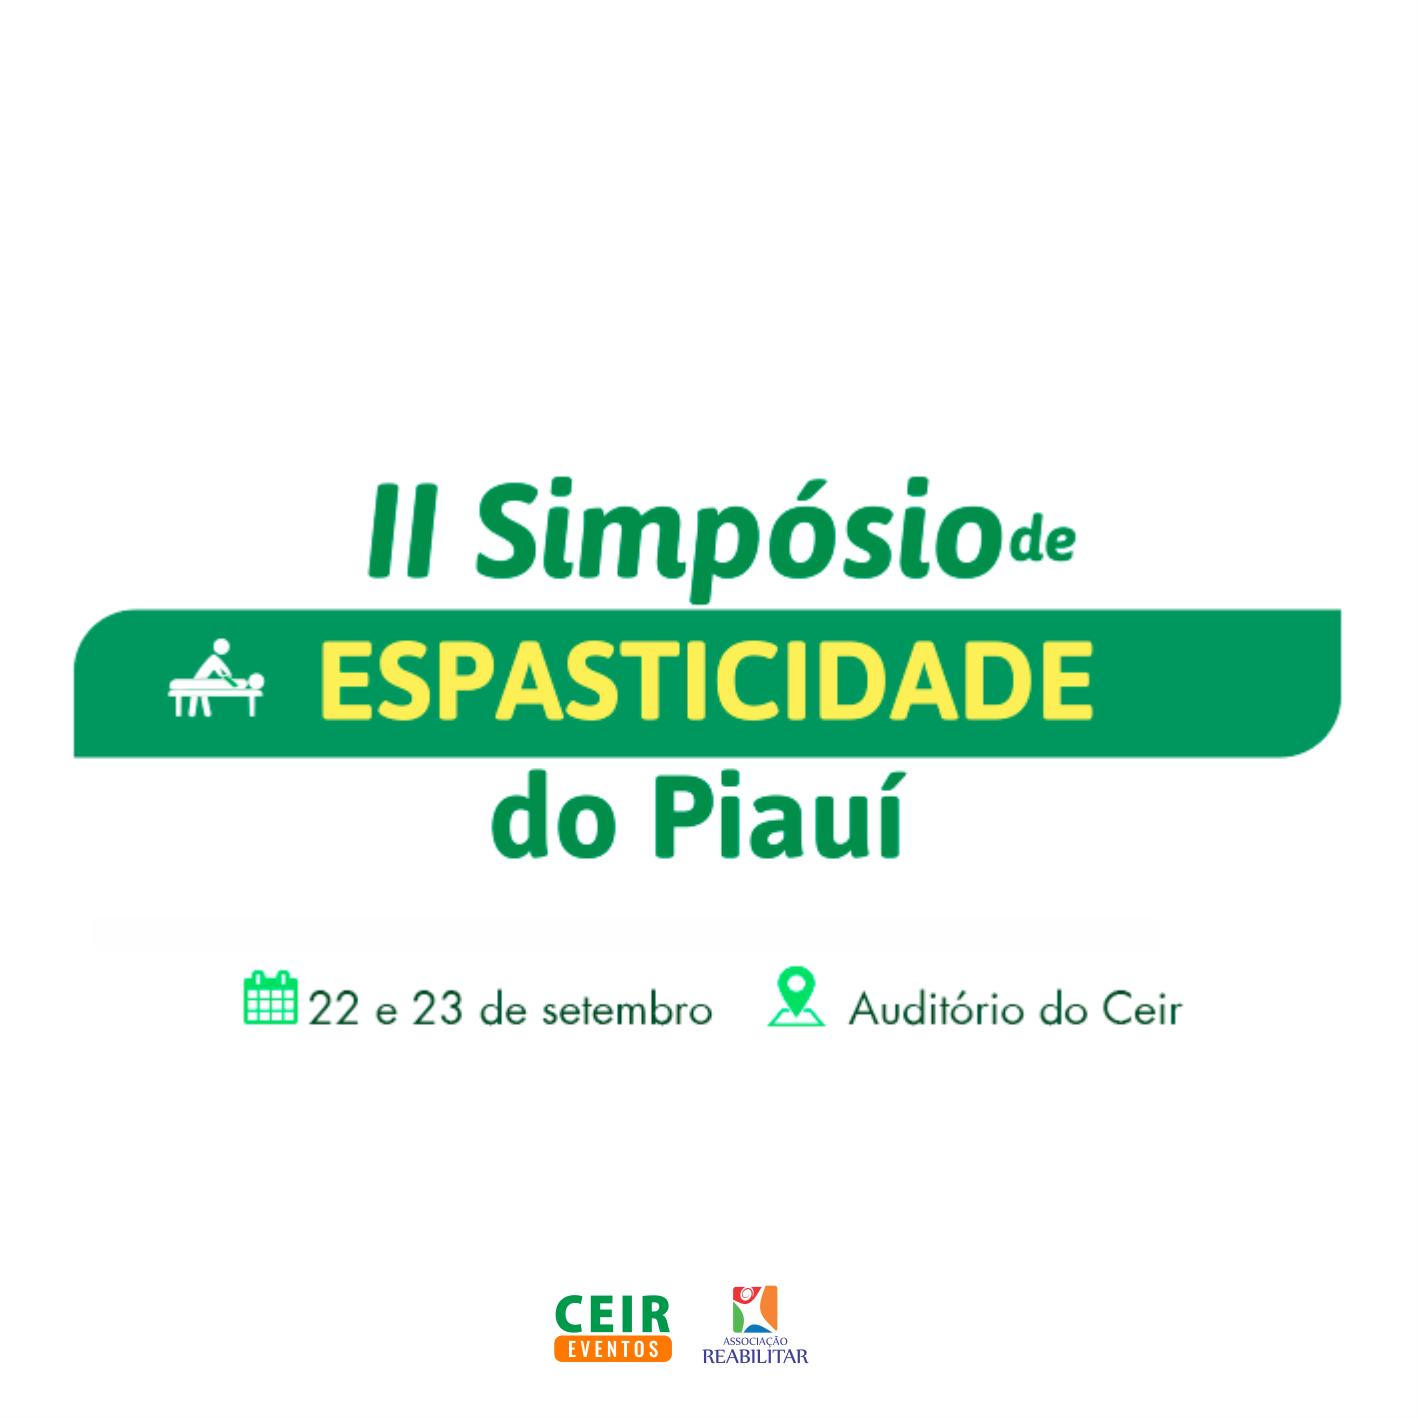 II Simpósio de Espasticidade do Piauí